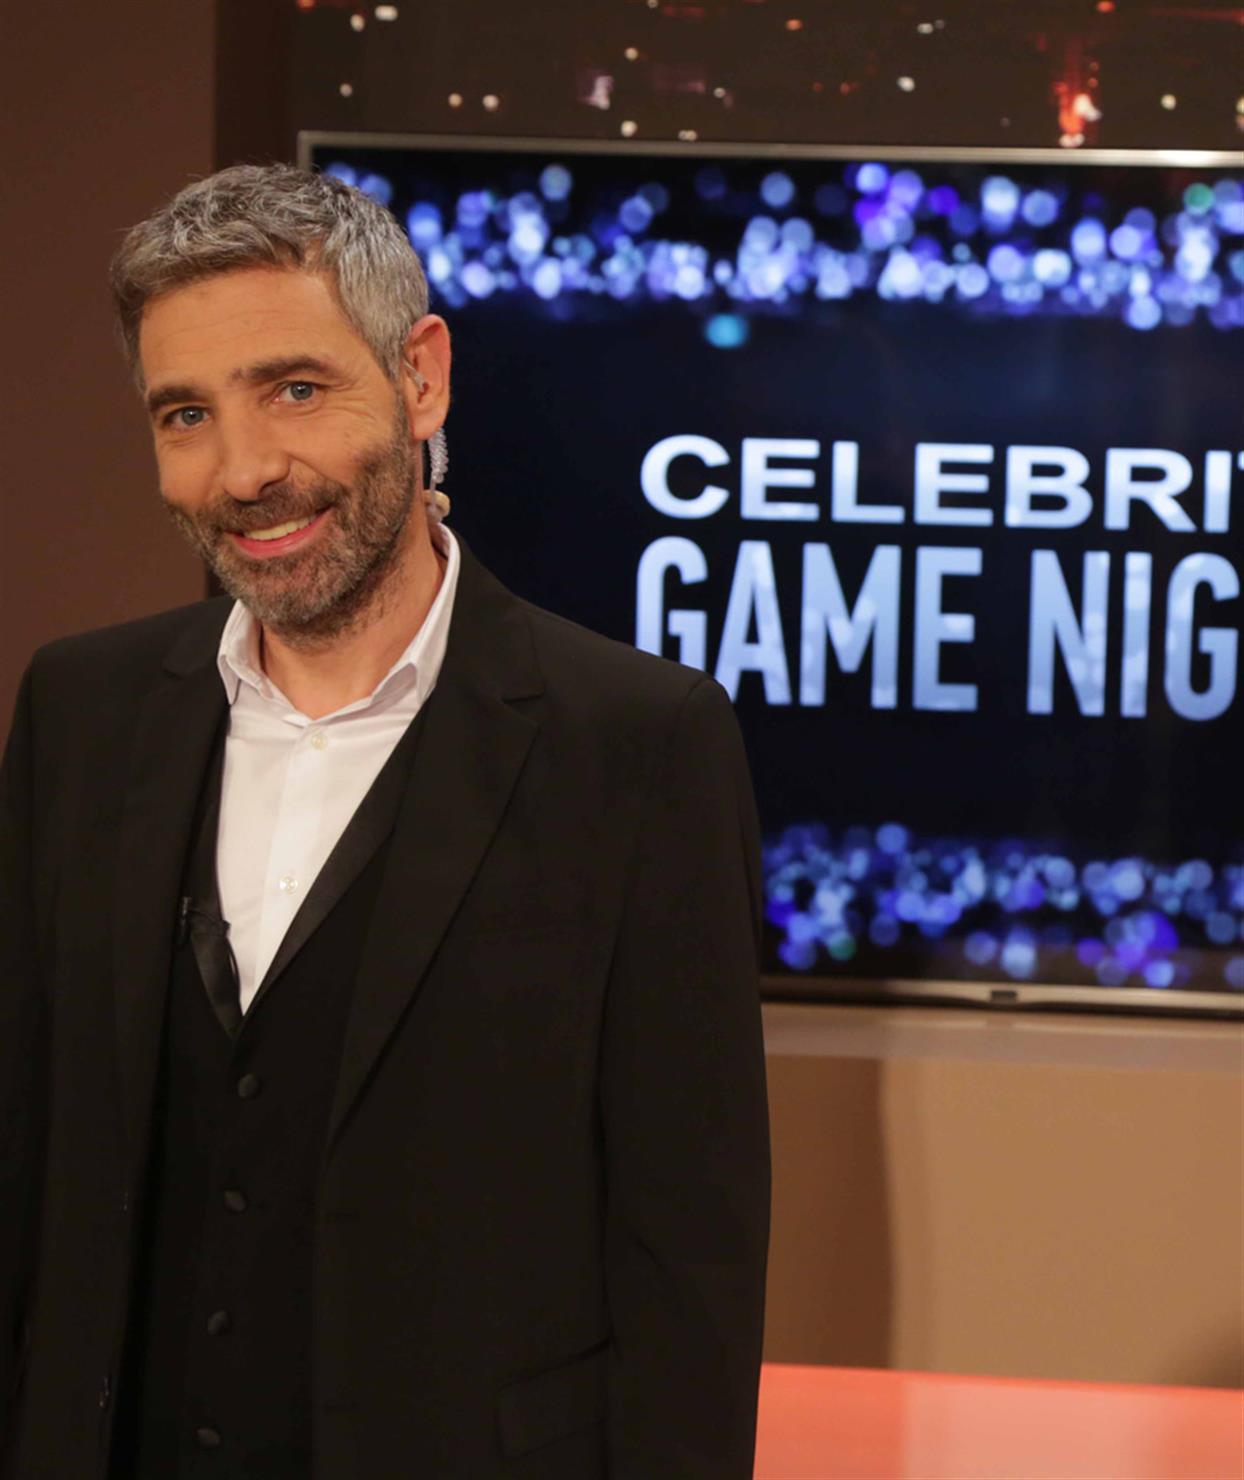 CELEBRITY GAME NIGHT ΠΡΕΜΙΕΡΑ